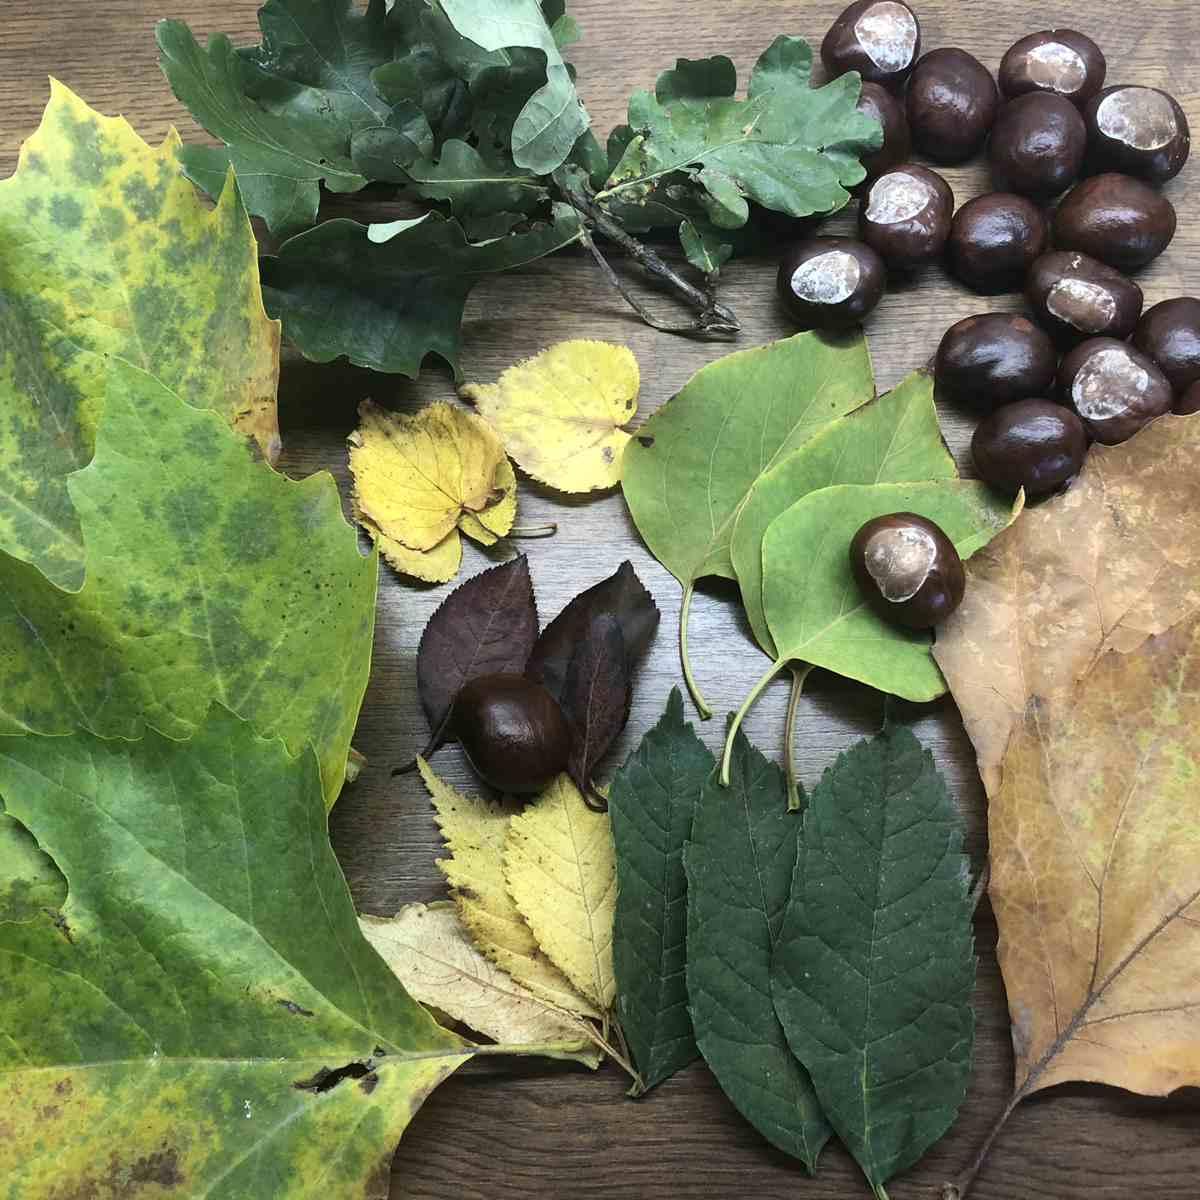 Anleitung Blätter schnell trocknen und pressen